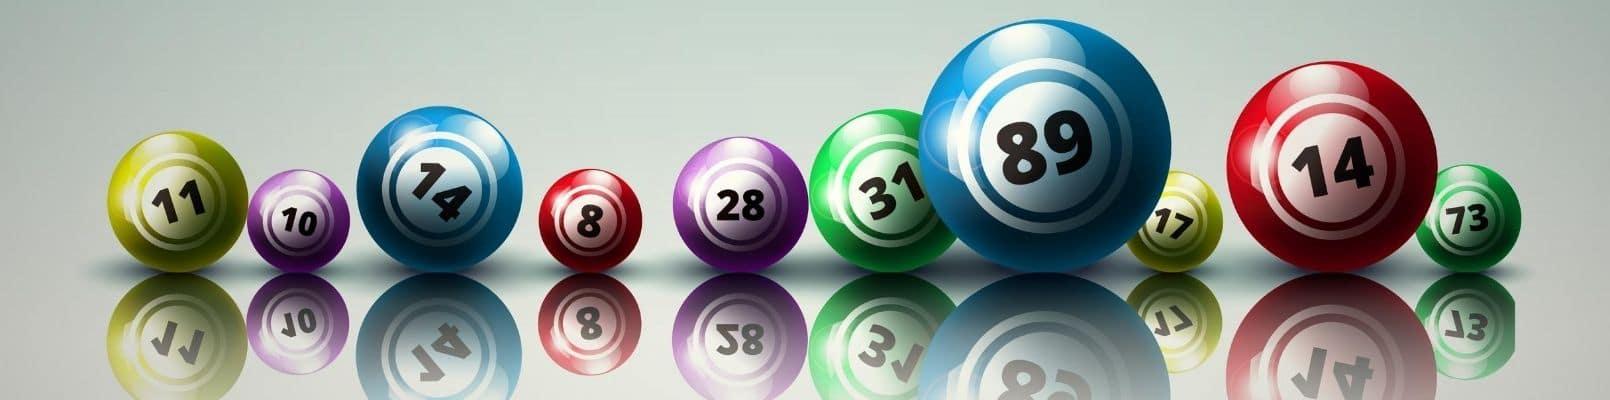 misiunile de vară vlad cazino - imagine cu bingo